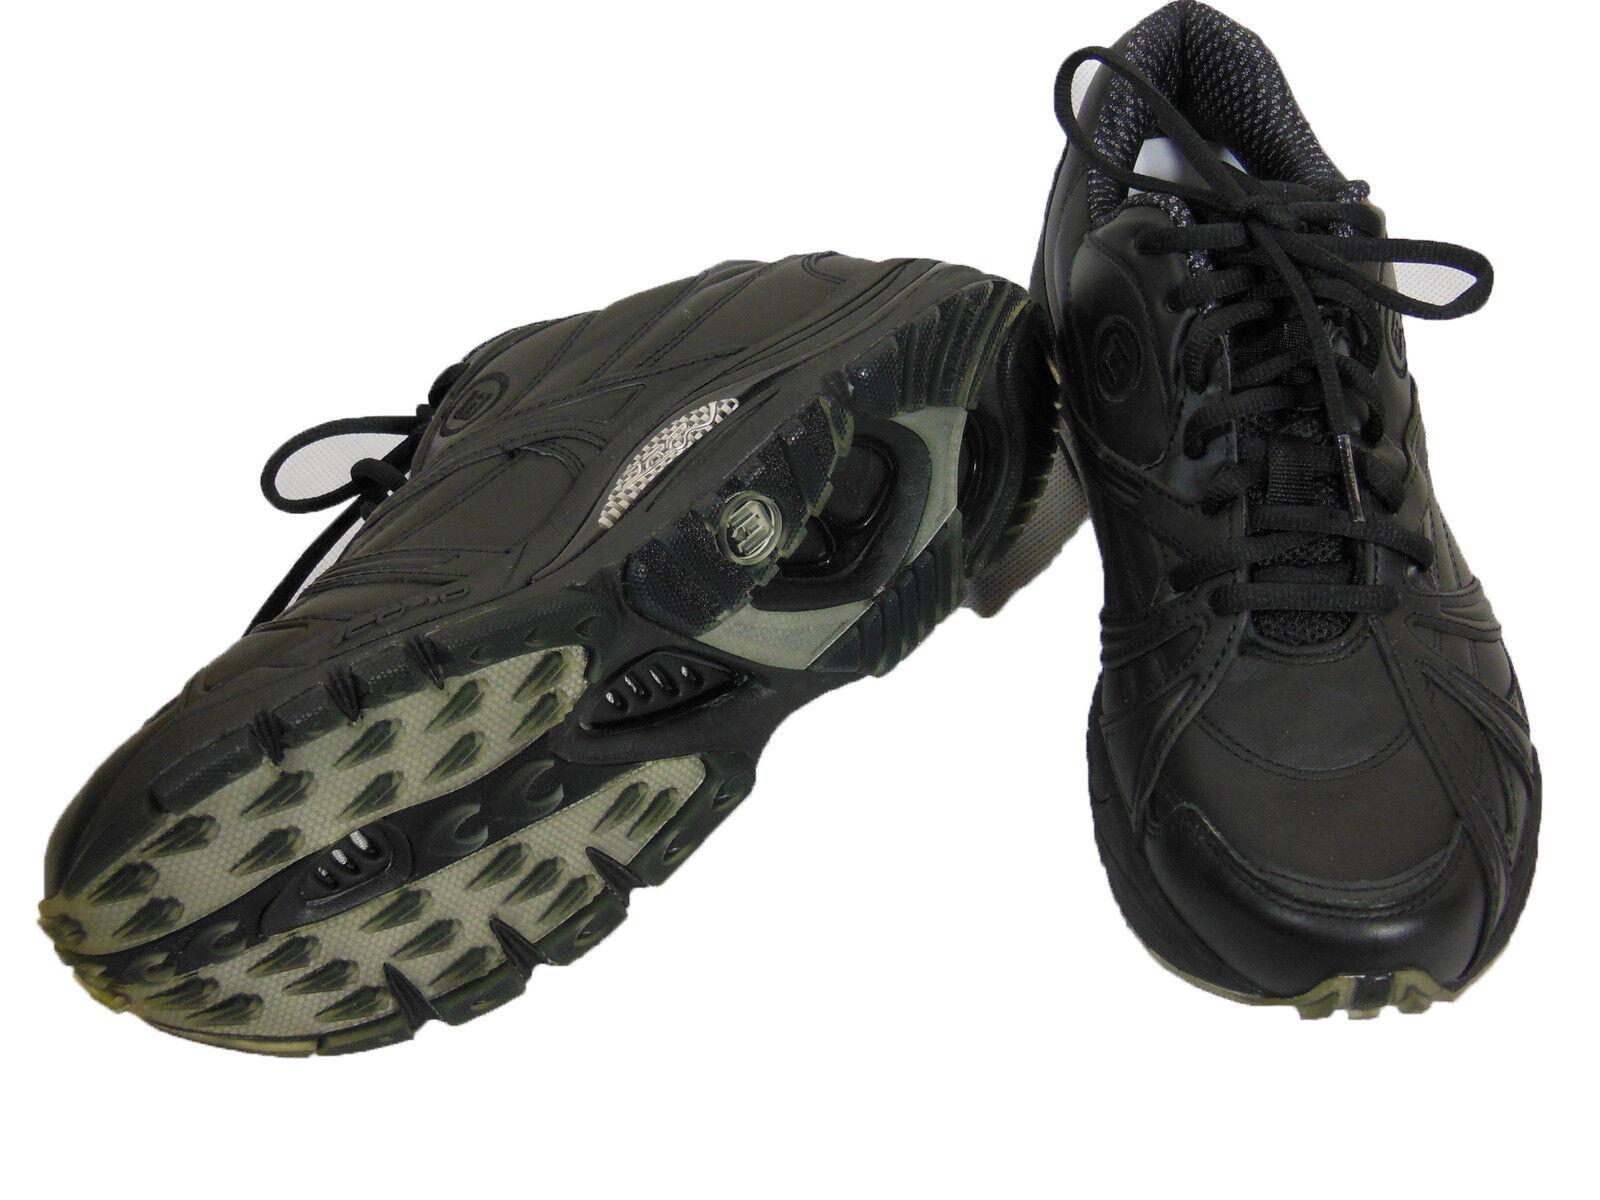 Femmes-Chaussures de Etonic Walking pour terrain et Asphalte réduit